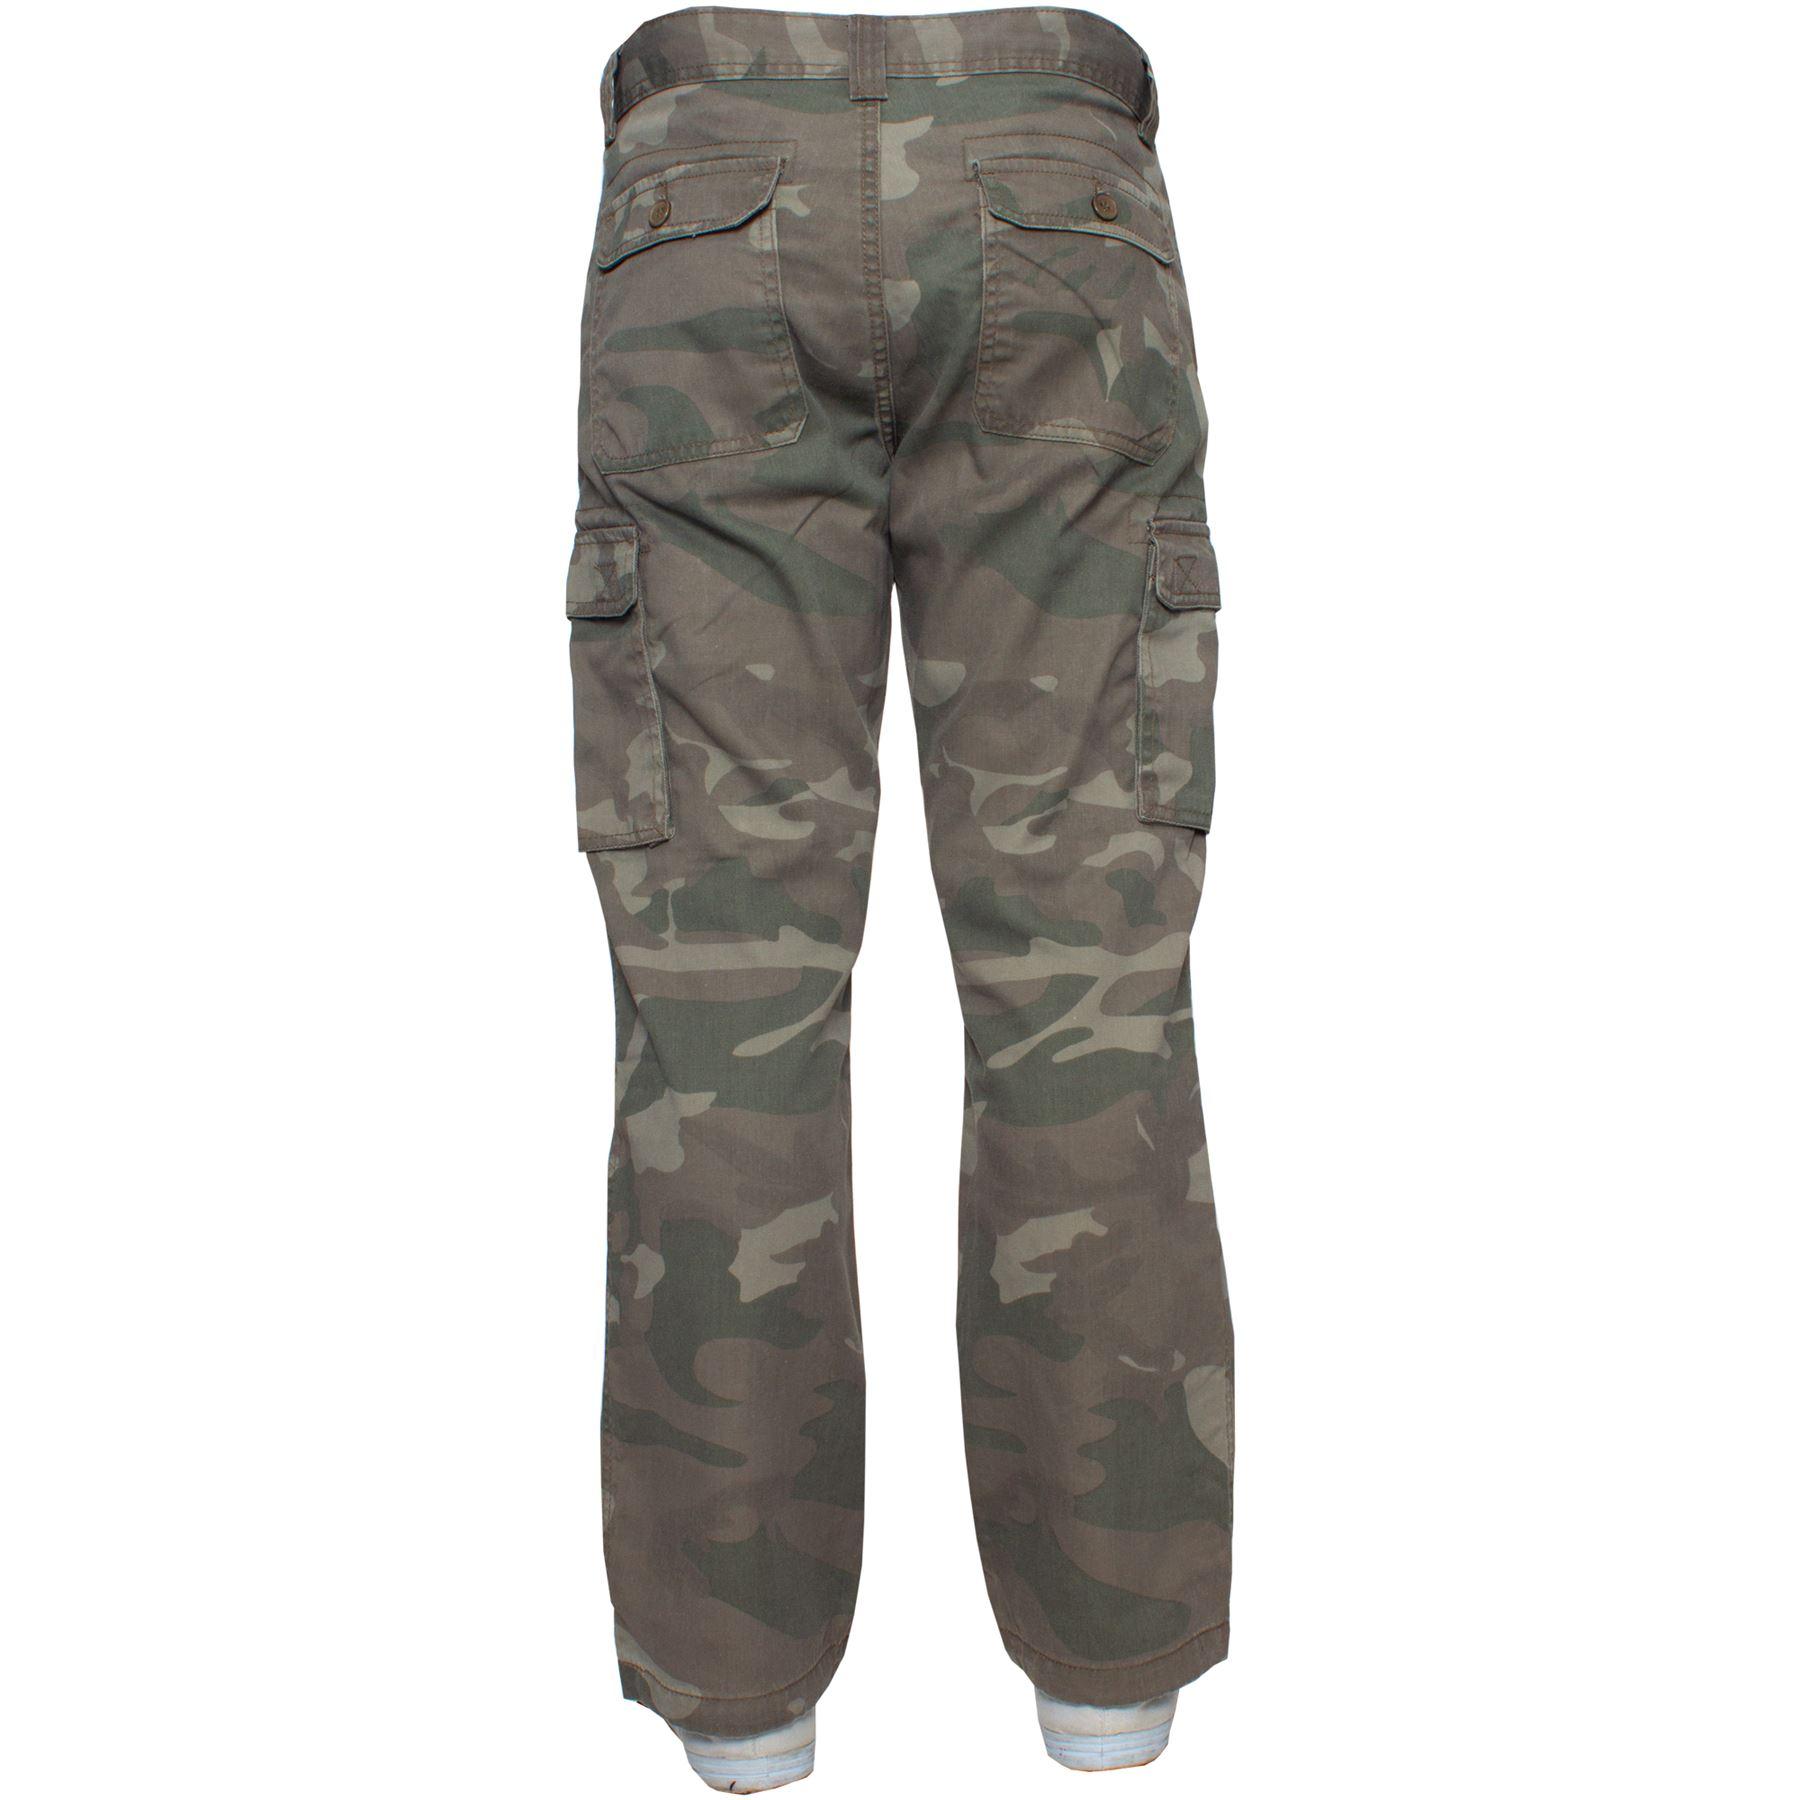 Kruze-Uomo-Militare-Pantaloni-Camouflage-Cargo-Mimetico-Casual-Lavoro miniatura 29